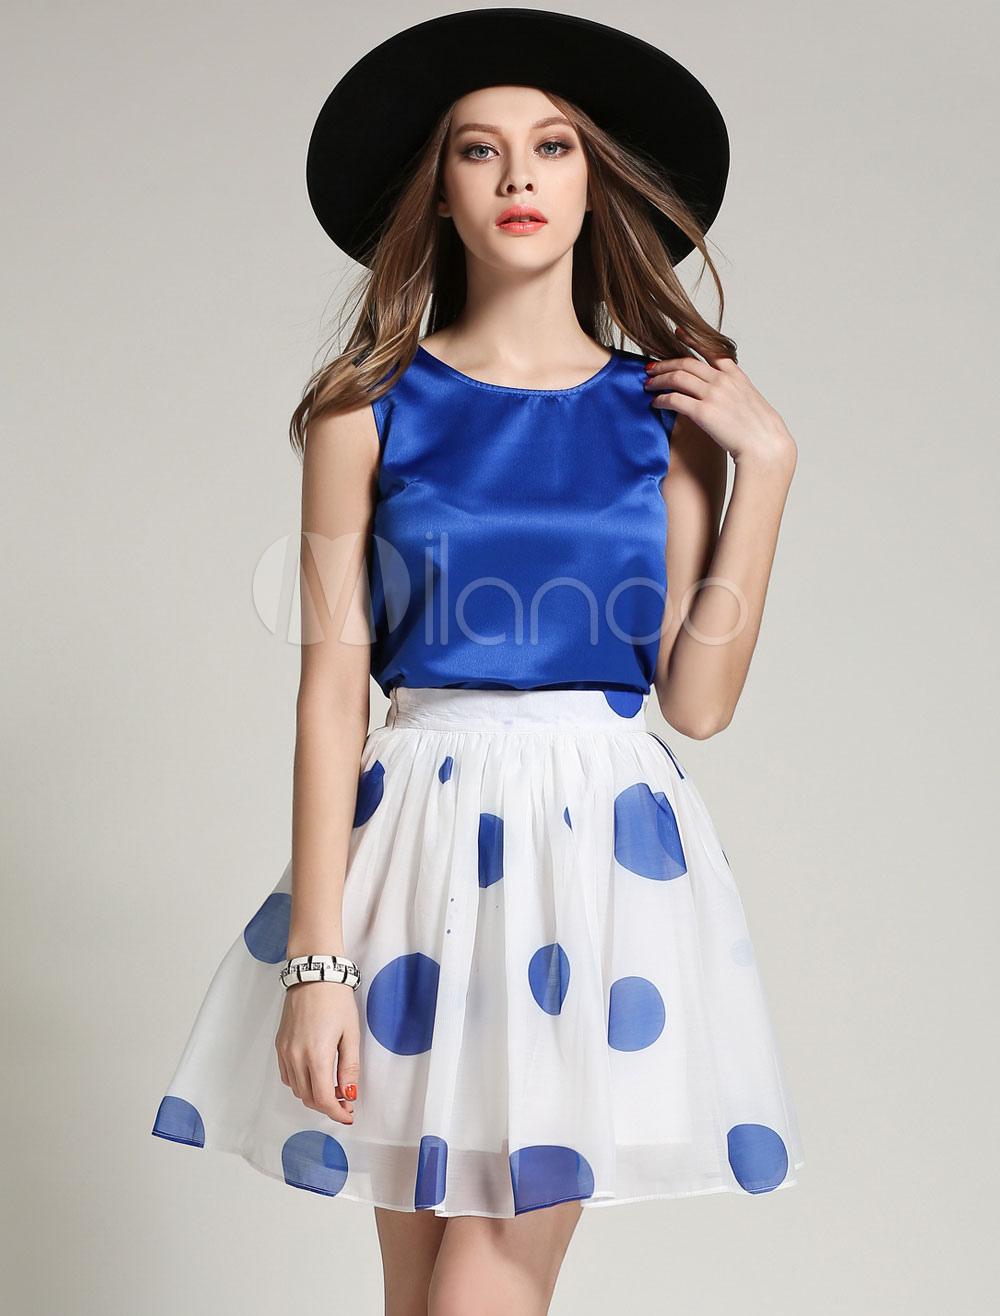 Blue Polka Dot Chiffon Suitfor Women